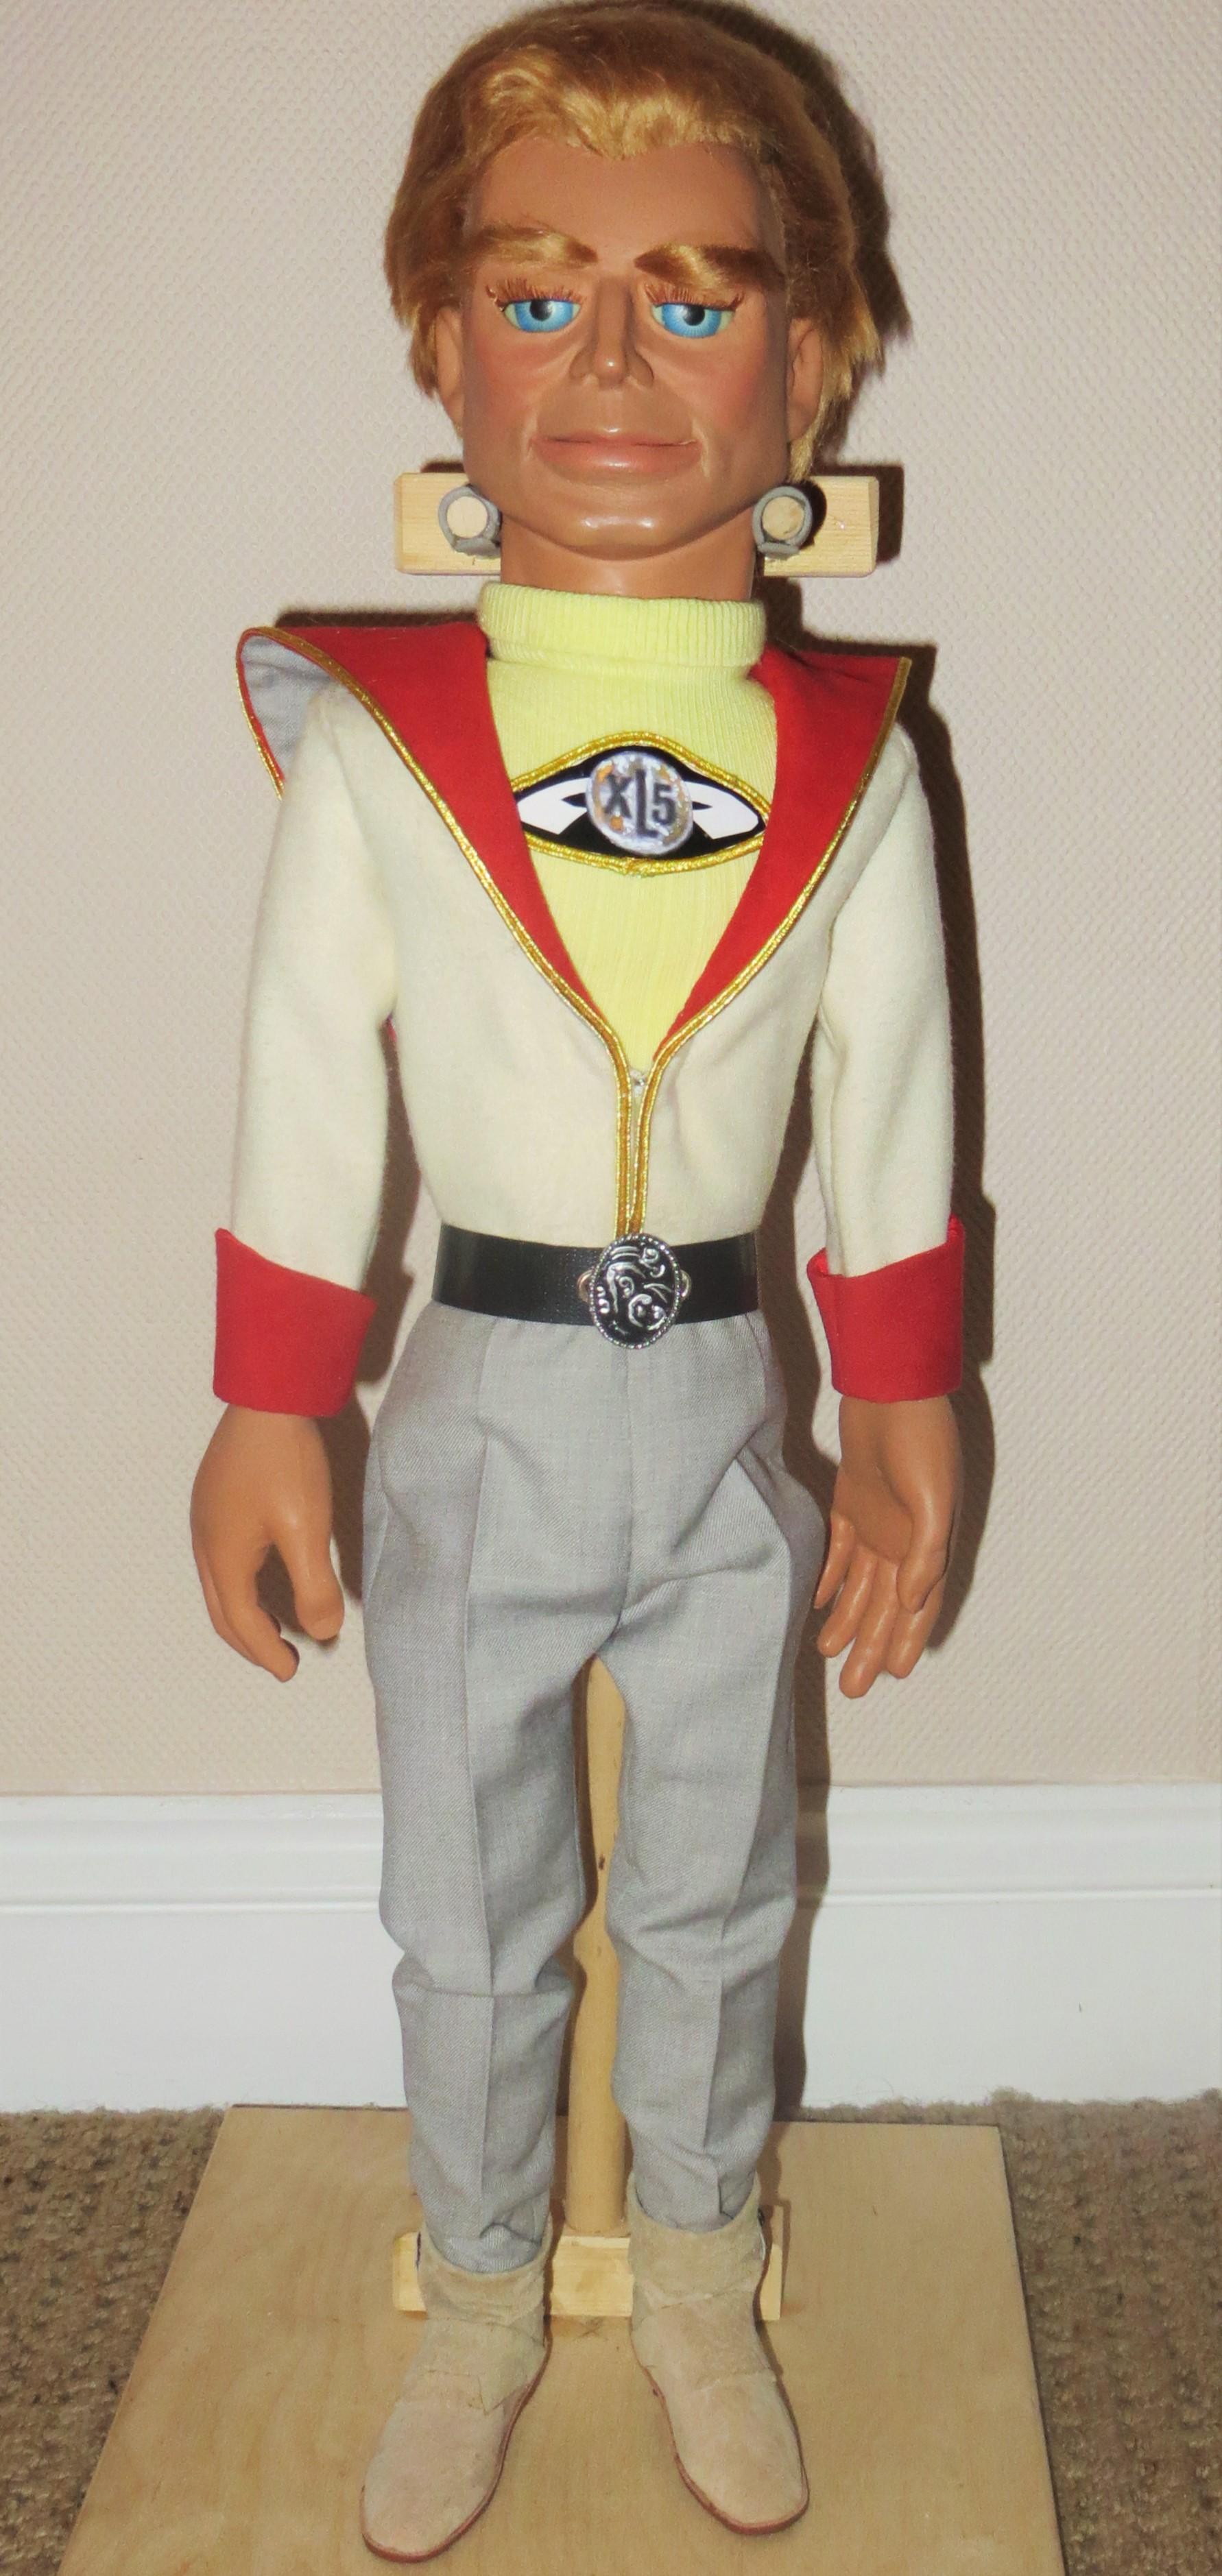 Steve Zodiac replica costume